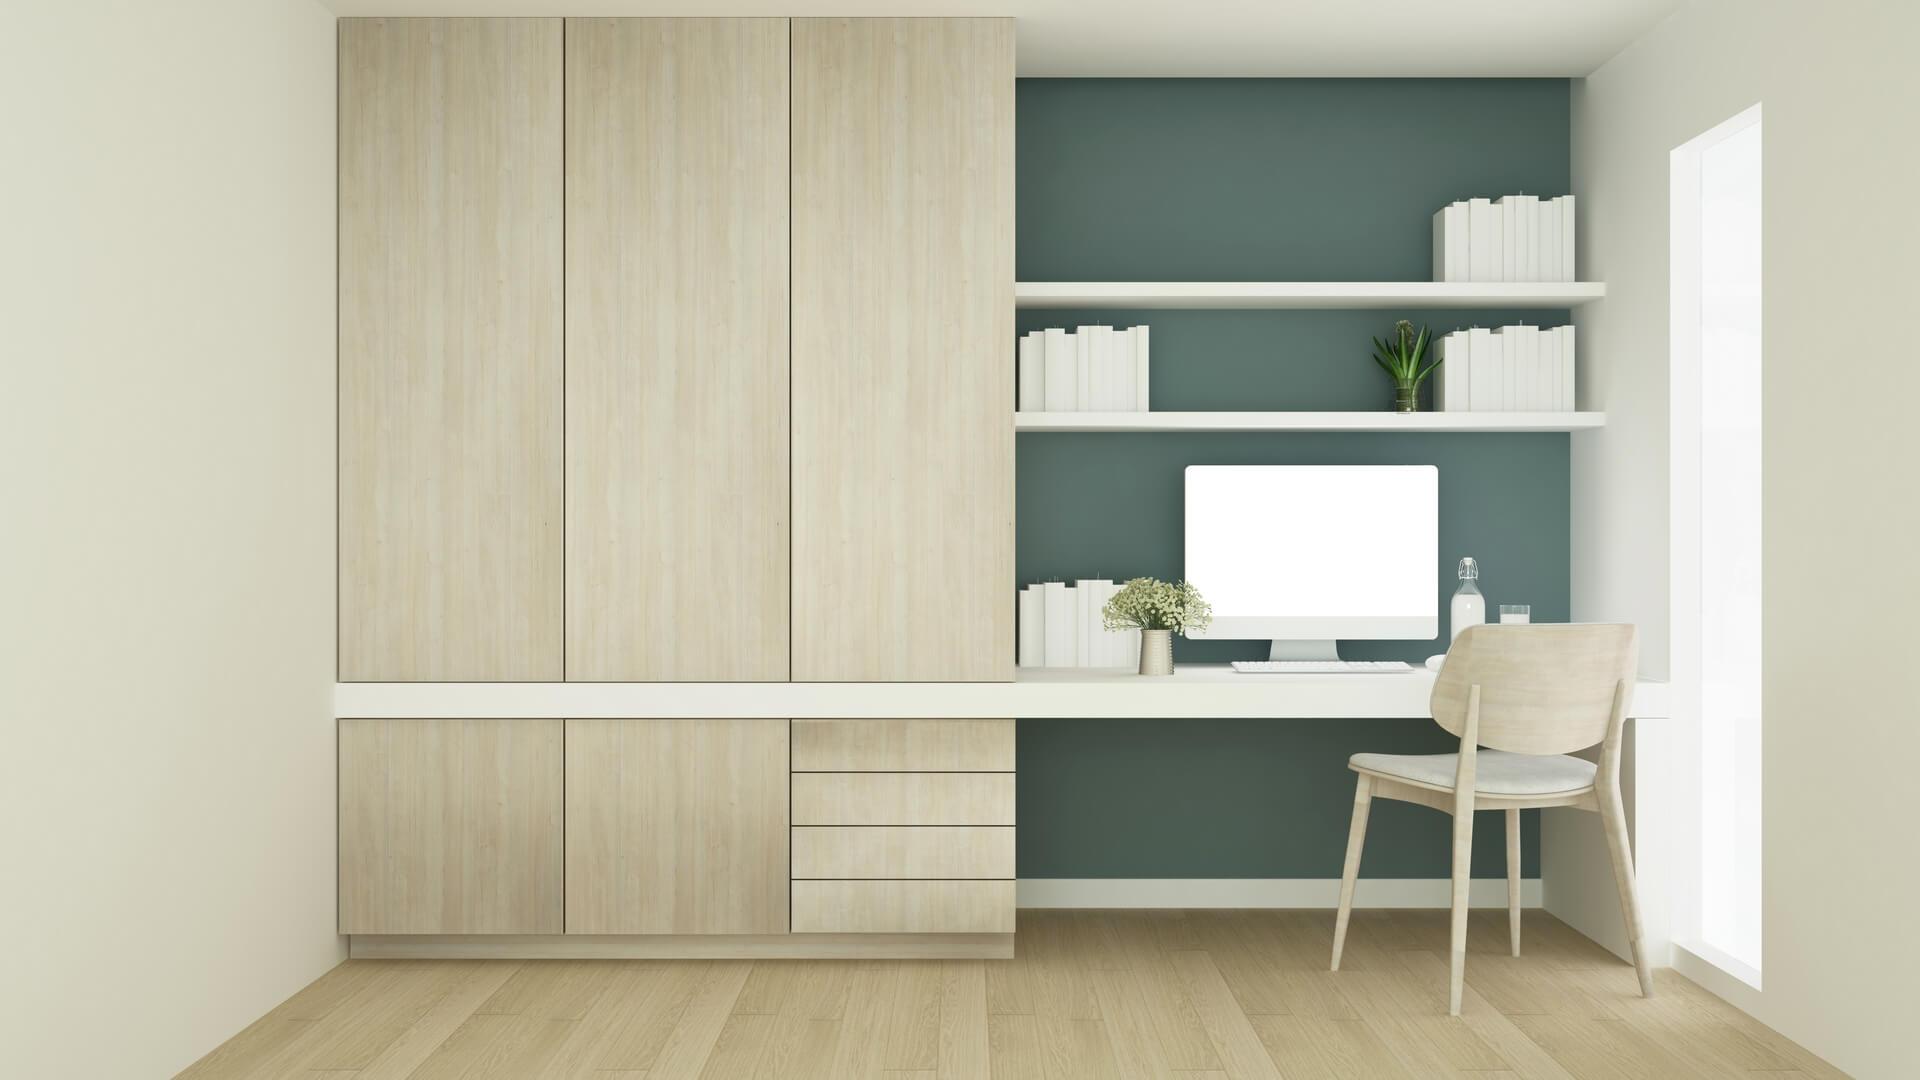 Wizualizacja jasnej drewnianej szafy do pokoju dziecięcego